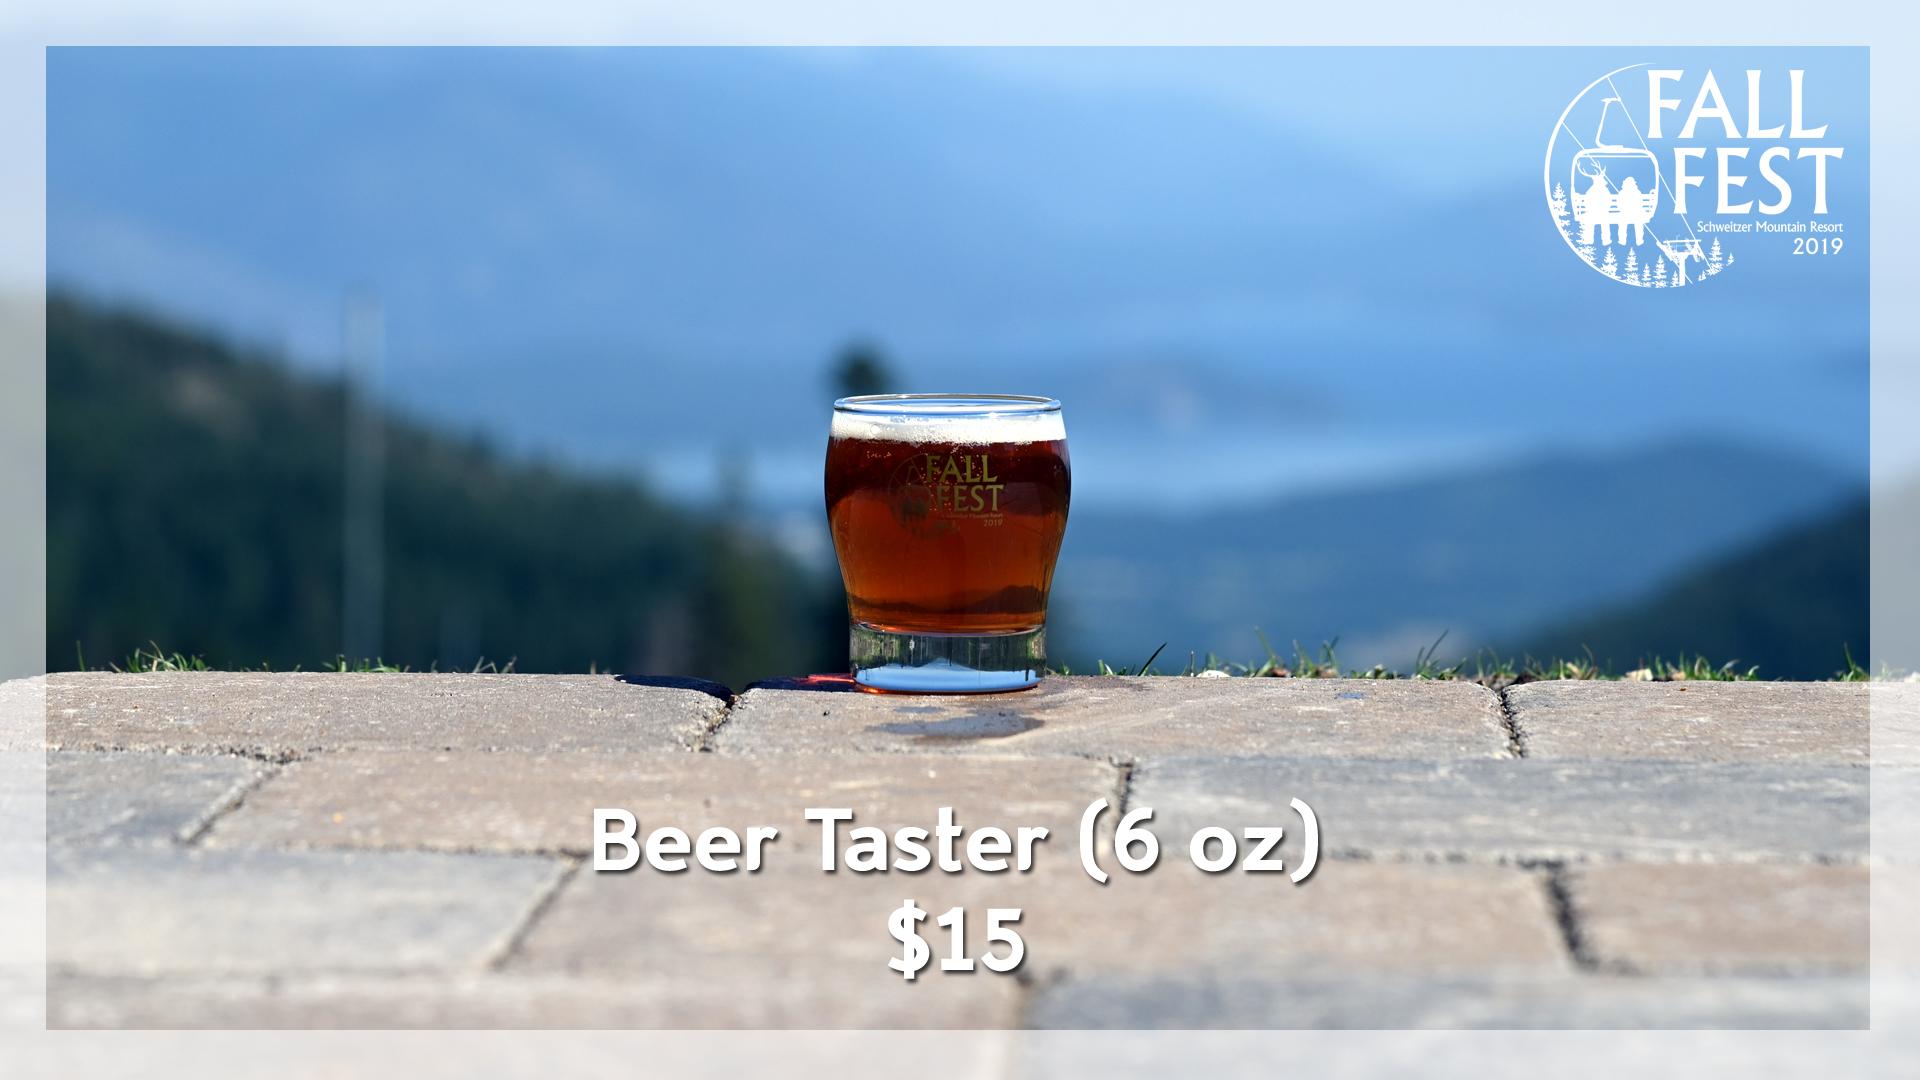 Fall Fest Beer Taster